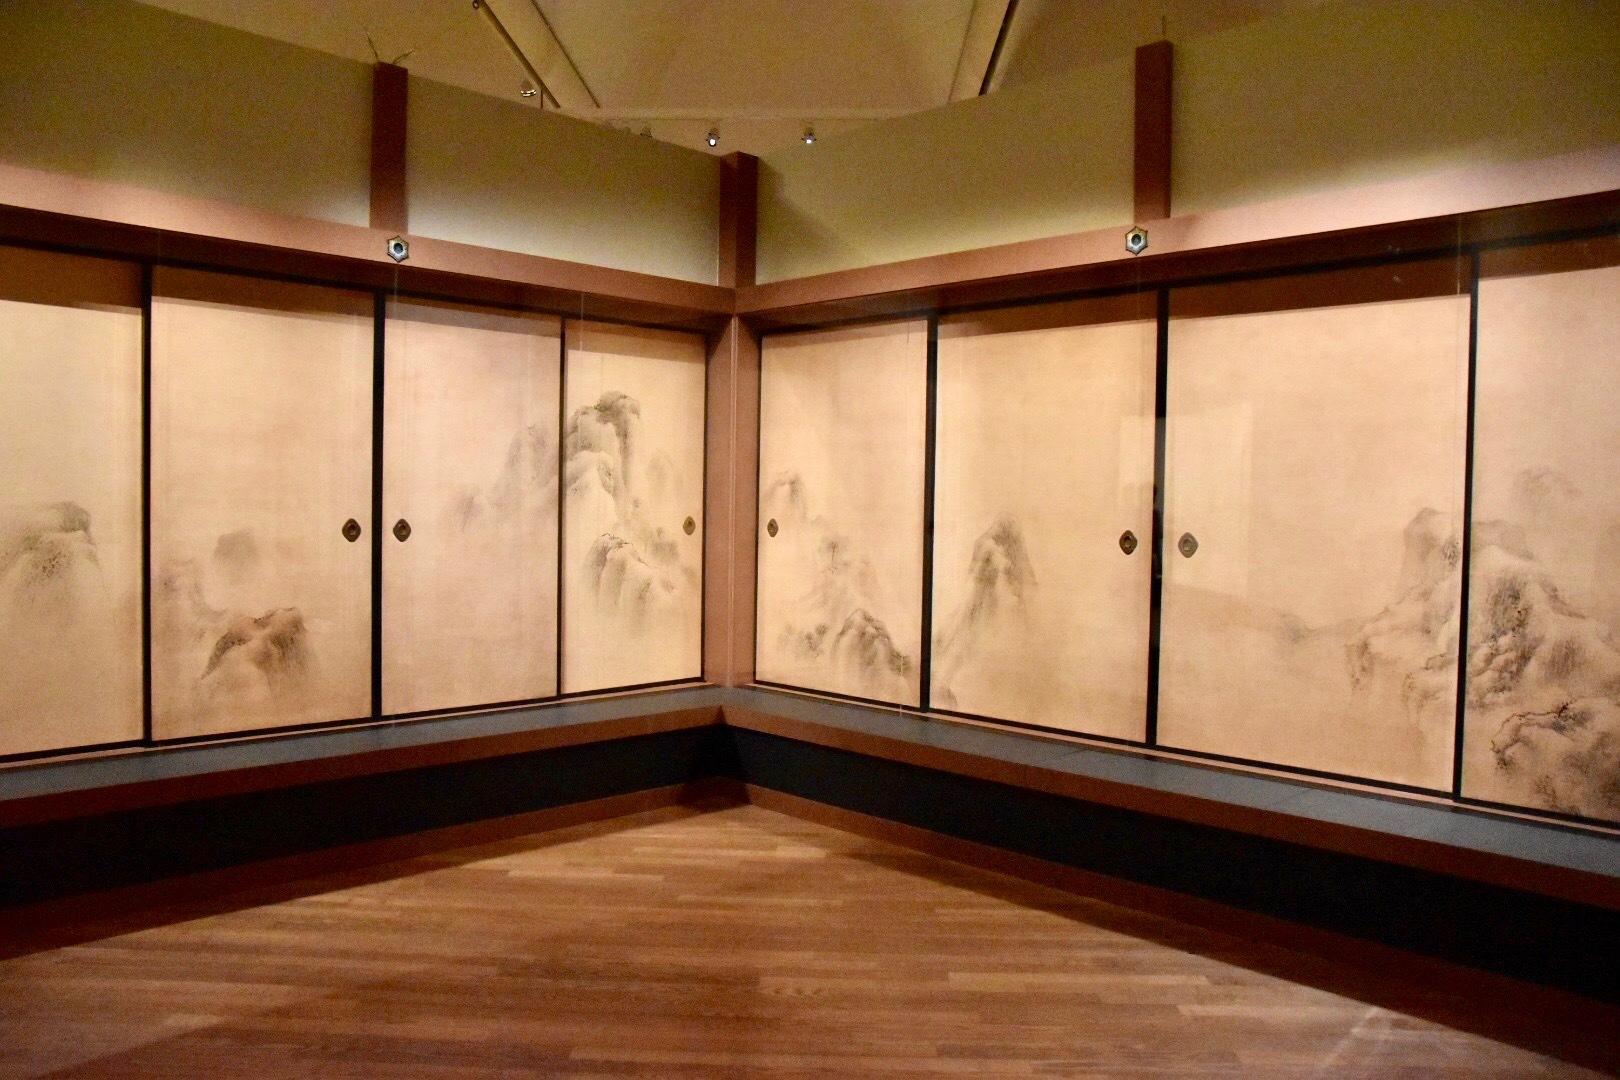 呉春 重要文化財《群山露頂図》 天明7年(1787) 大乗寺蔵 東京展:前期展示